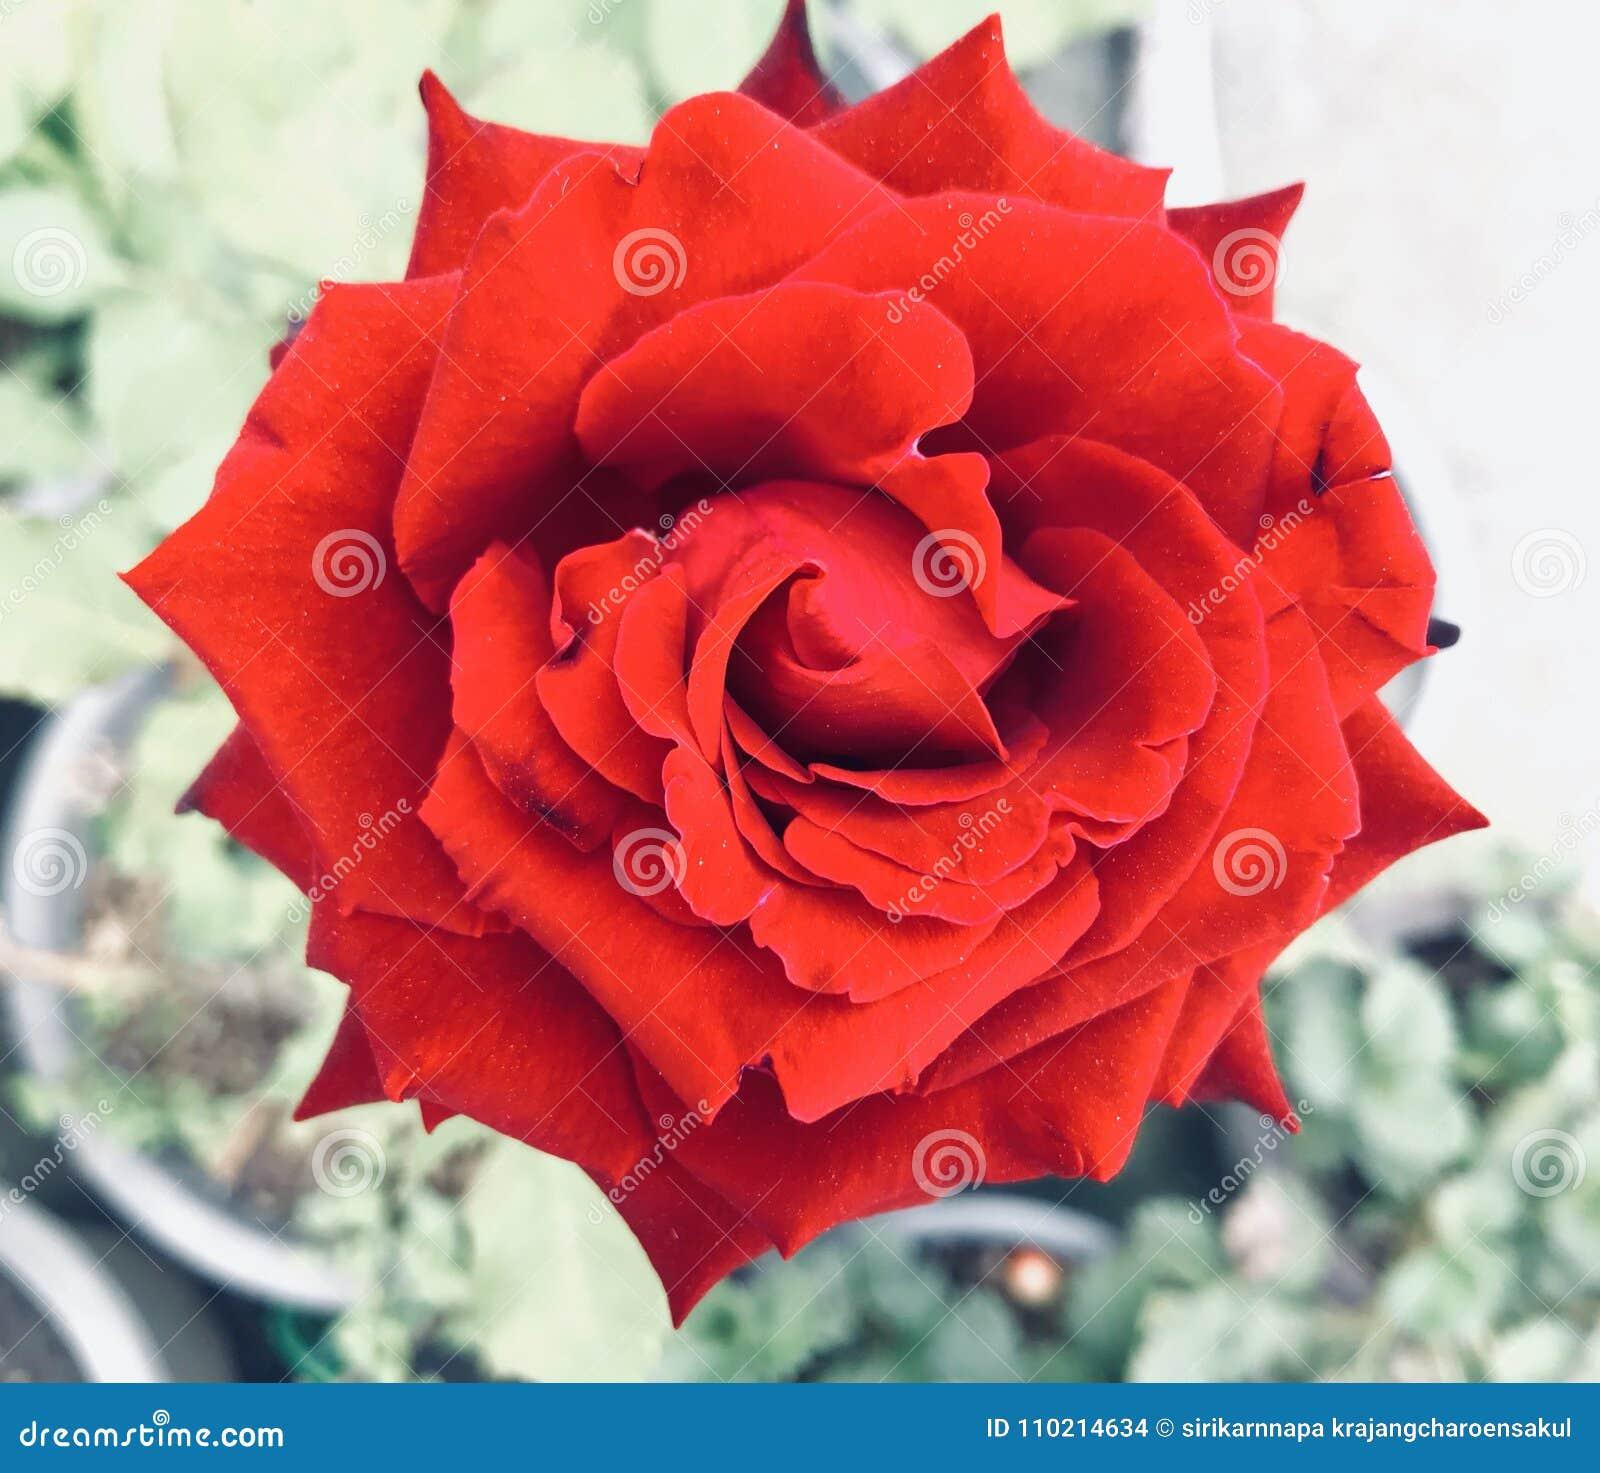 Rose stock photo. Image of decoration, bright, fashion - 110214634